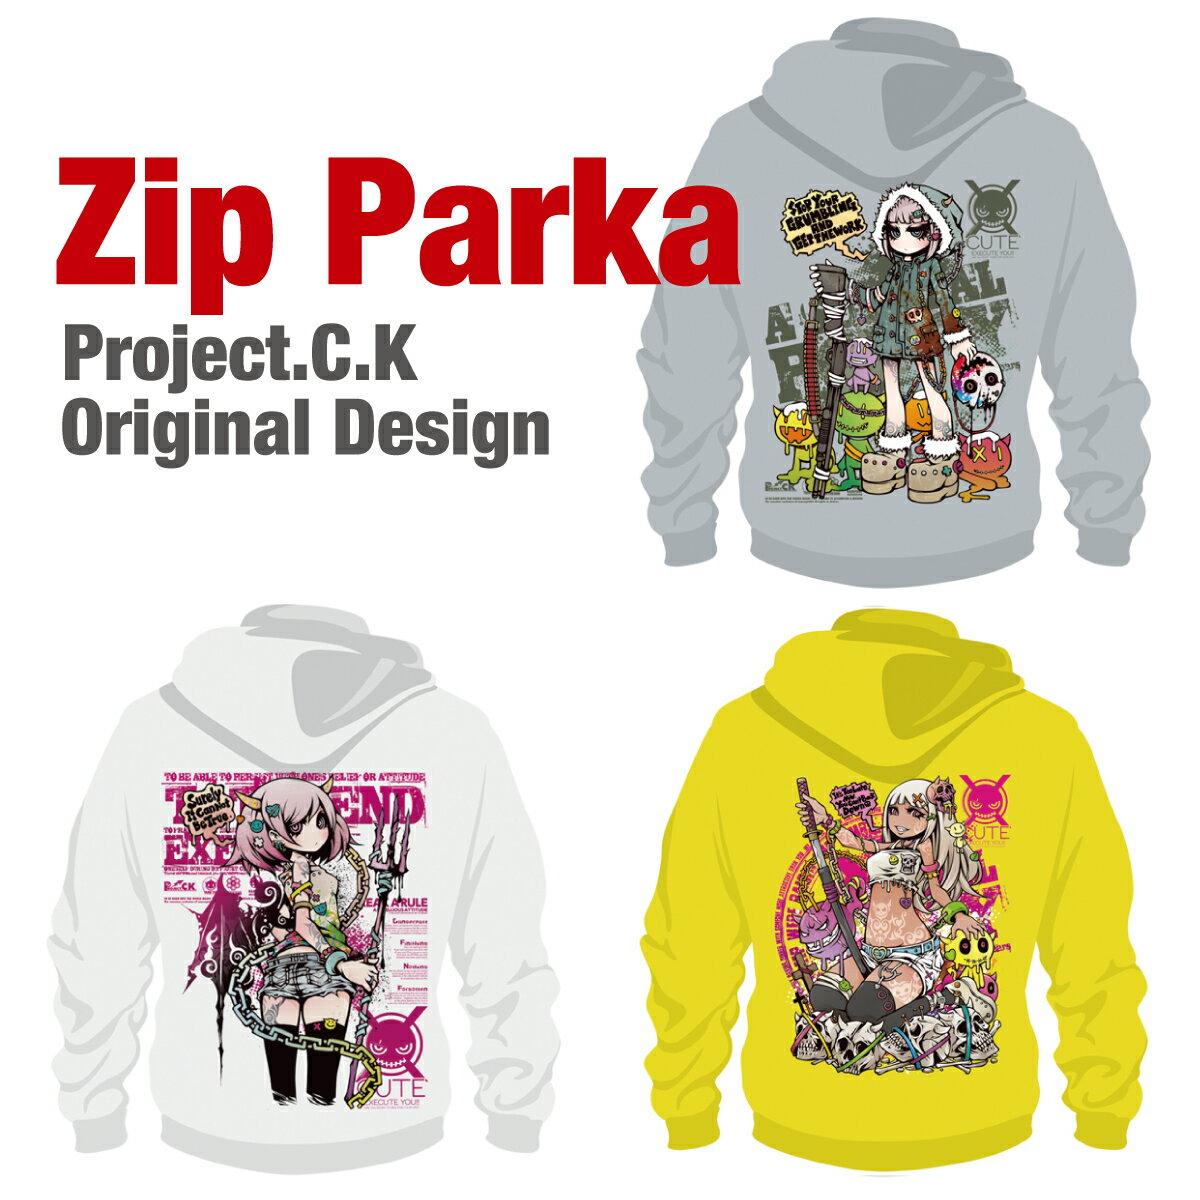 パーカー メンズ レディース トレーナー ブランド スウェット Project.C.K プロジェクトシーケー キャラクター pck-parka